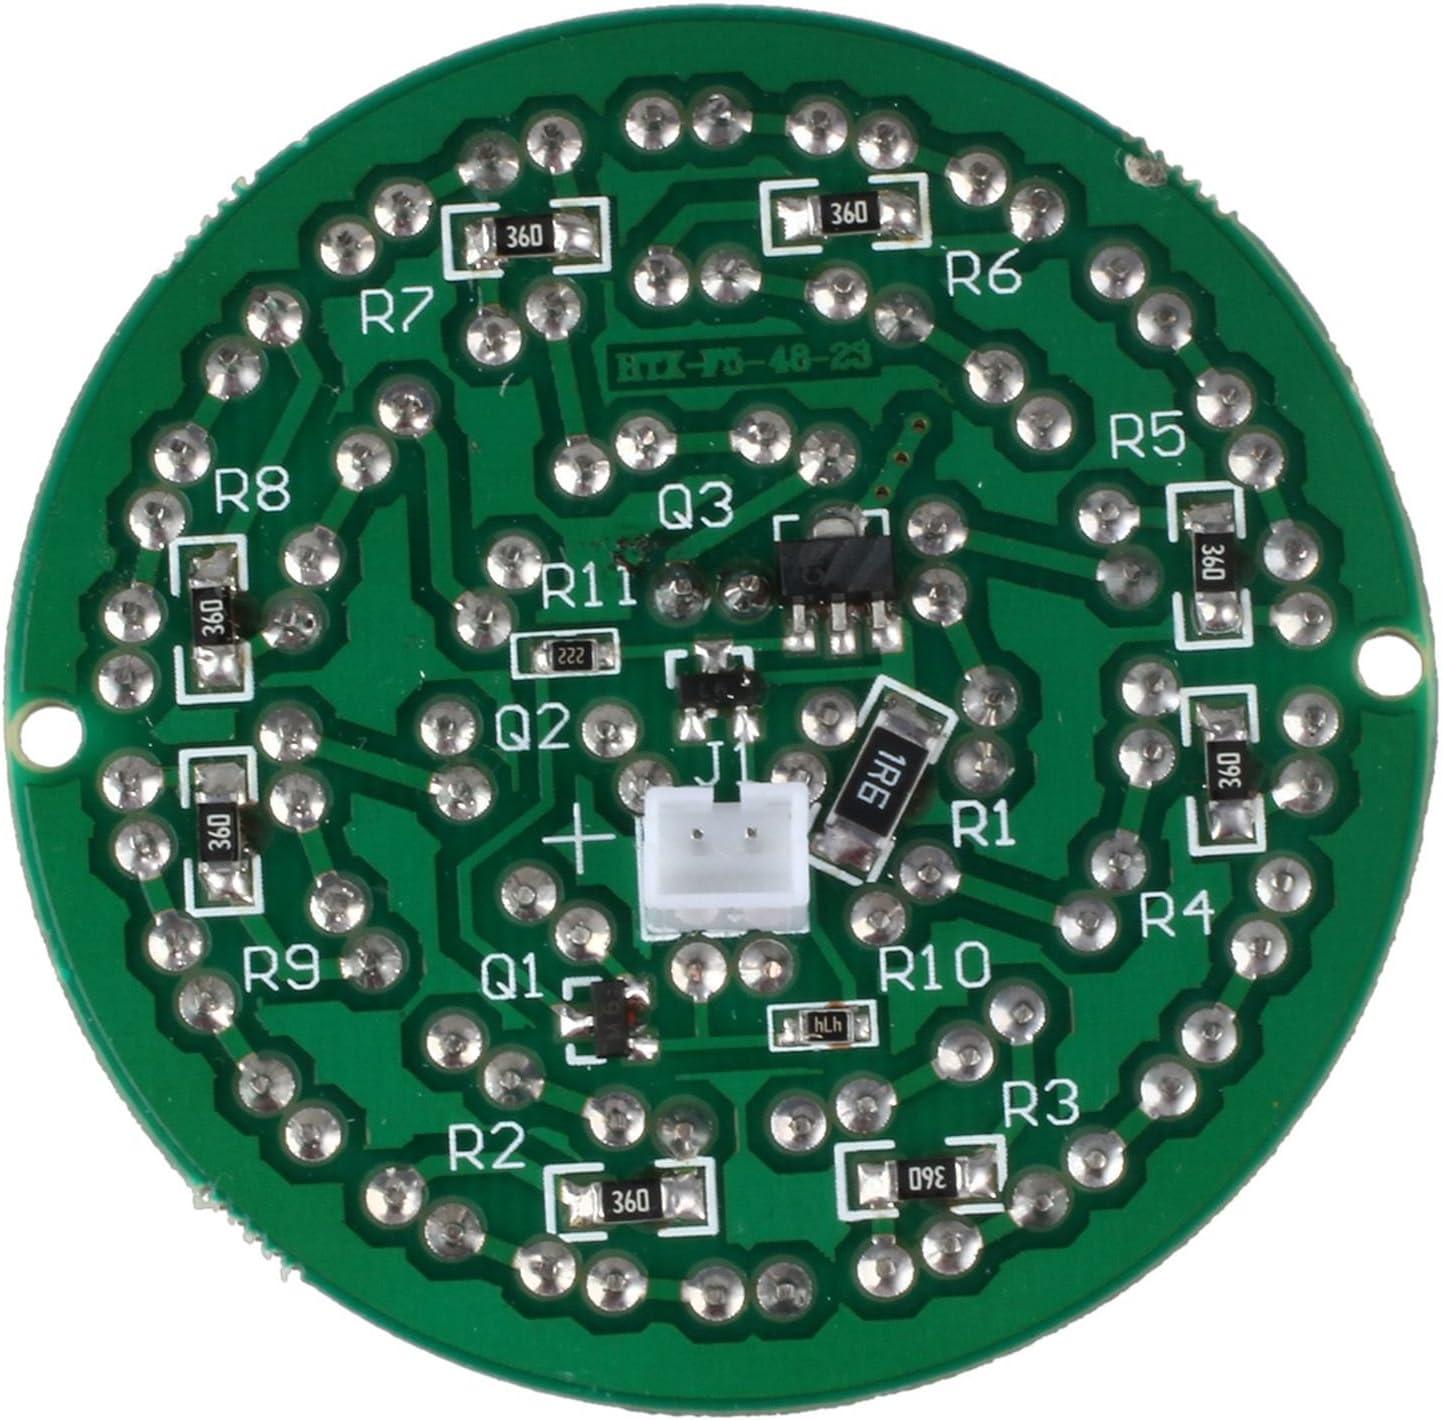 TOOGOO Panel infrarrojo infrarrojo de 90 grados LED 48 LED infrarrojo 940nm invisible por la noche sin exposicion a la luz para iluminador IR Accesorios CCTV